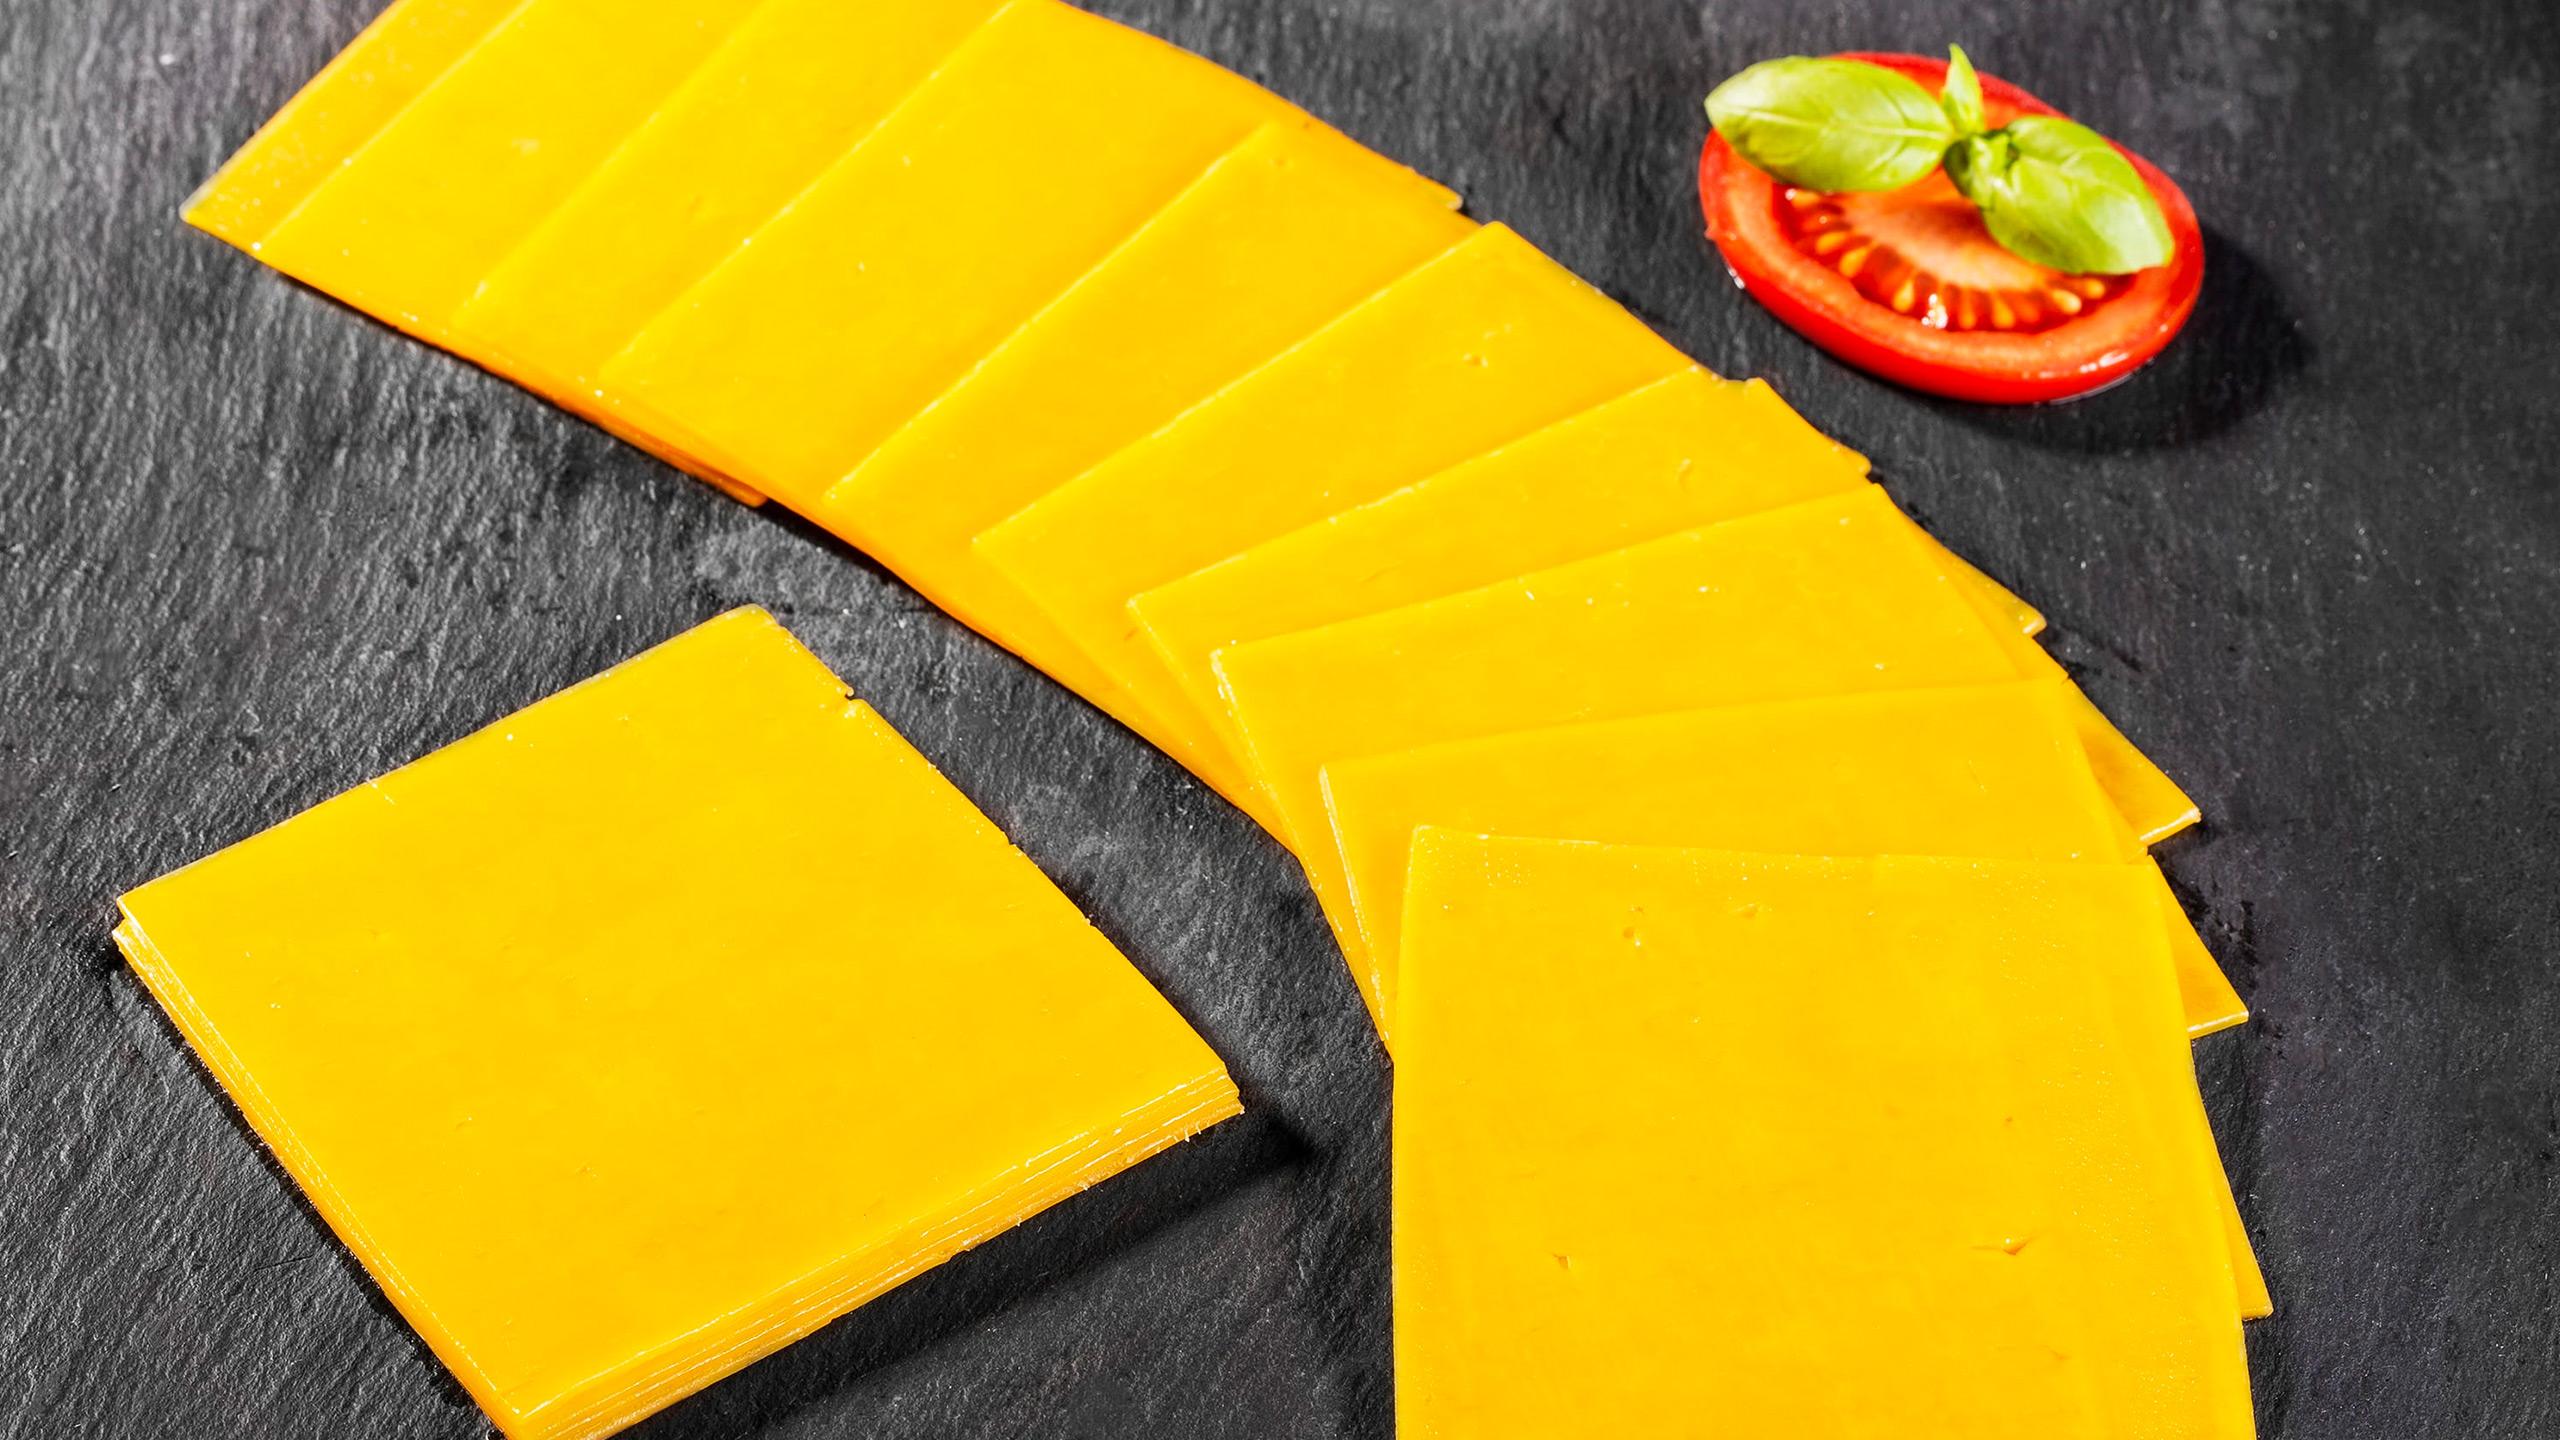 queso tipo amarillo americano